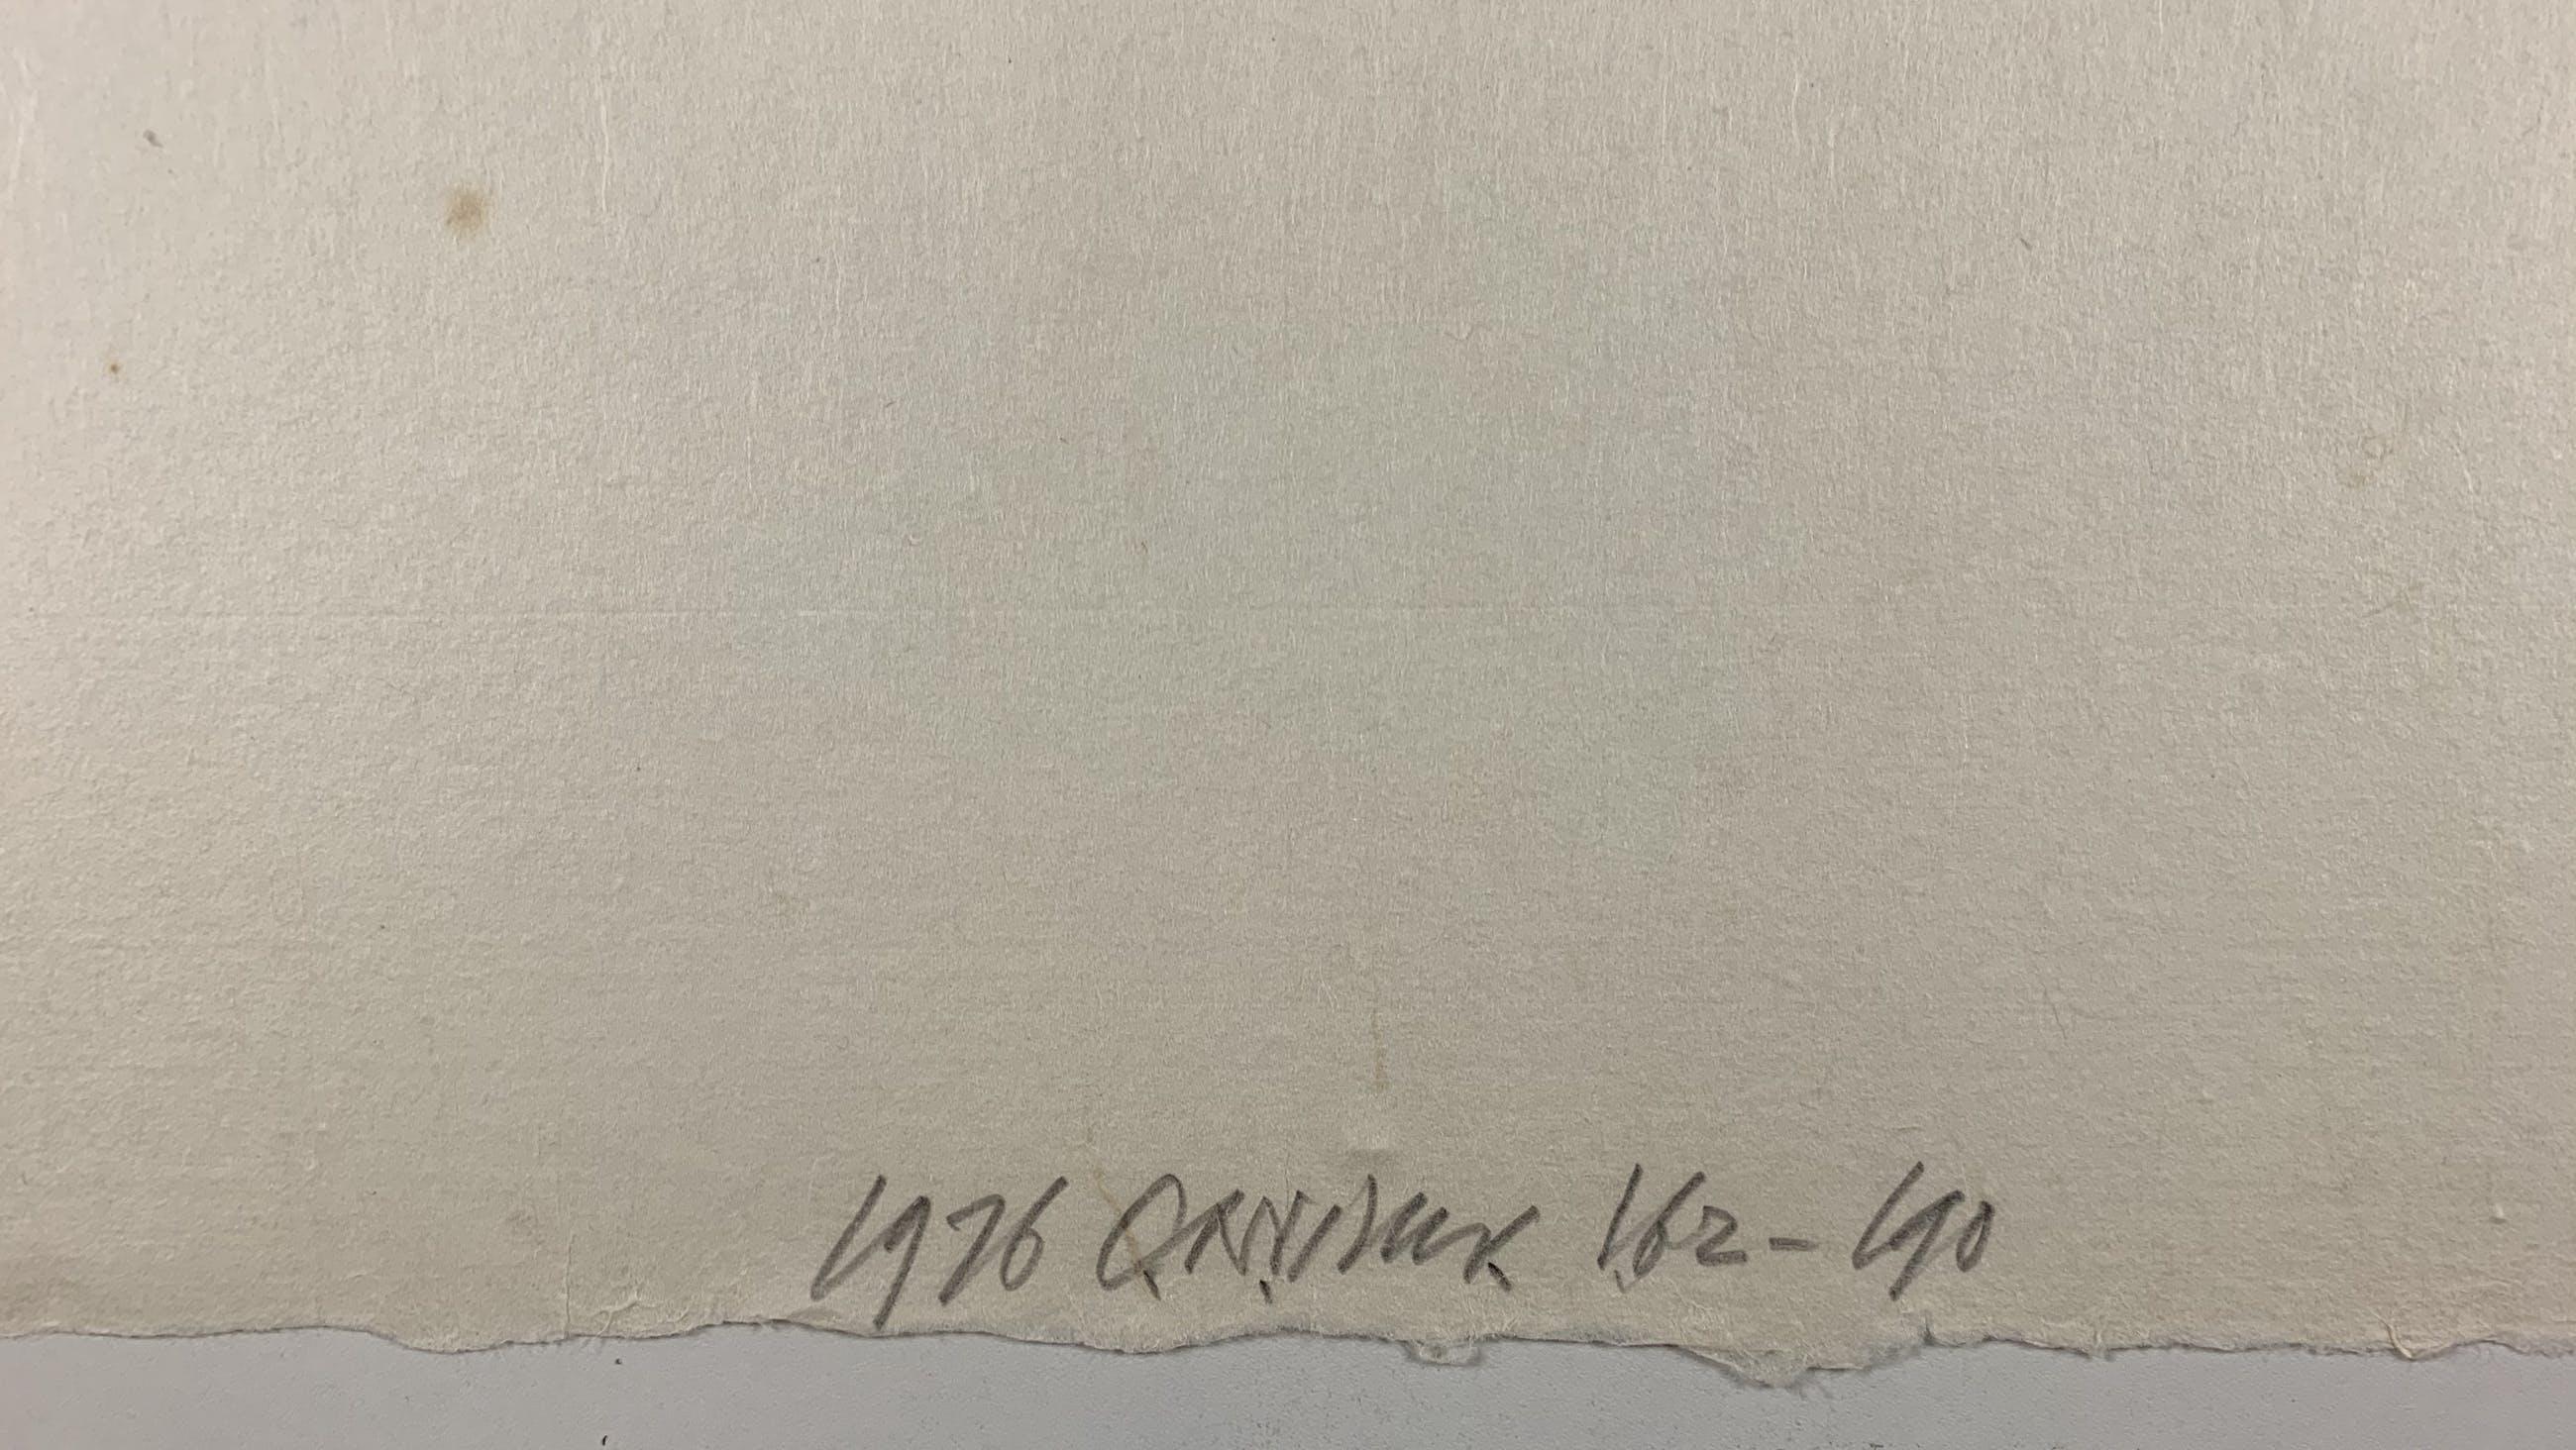 Carel Visser - houtsnede - zonder titel - 1976 kopen? Bied vanaf 275!